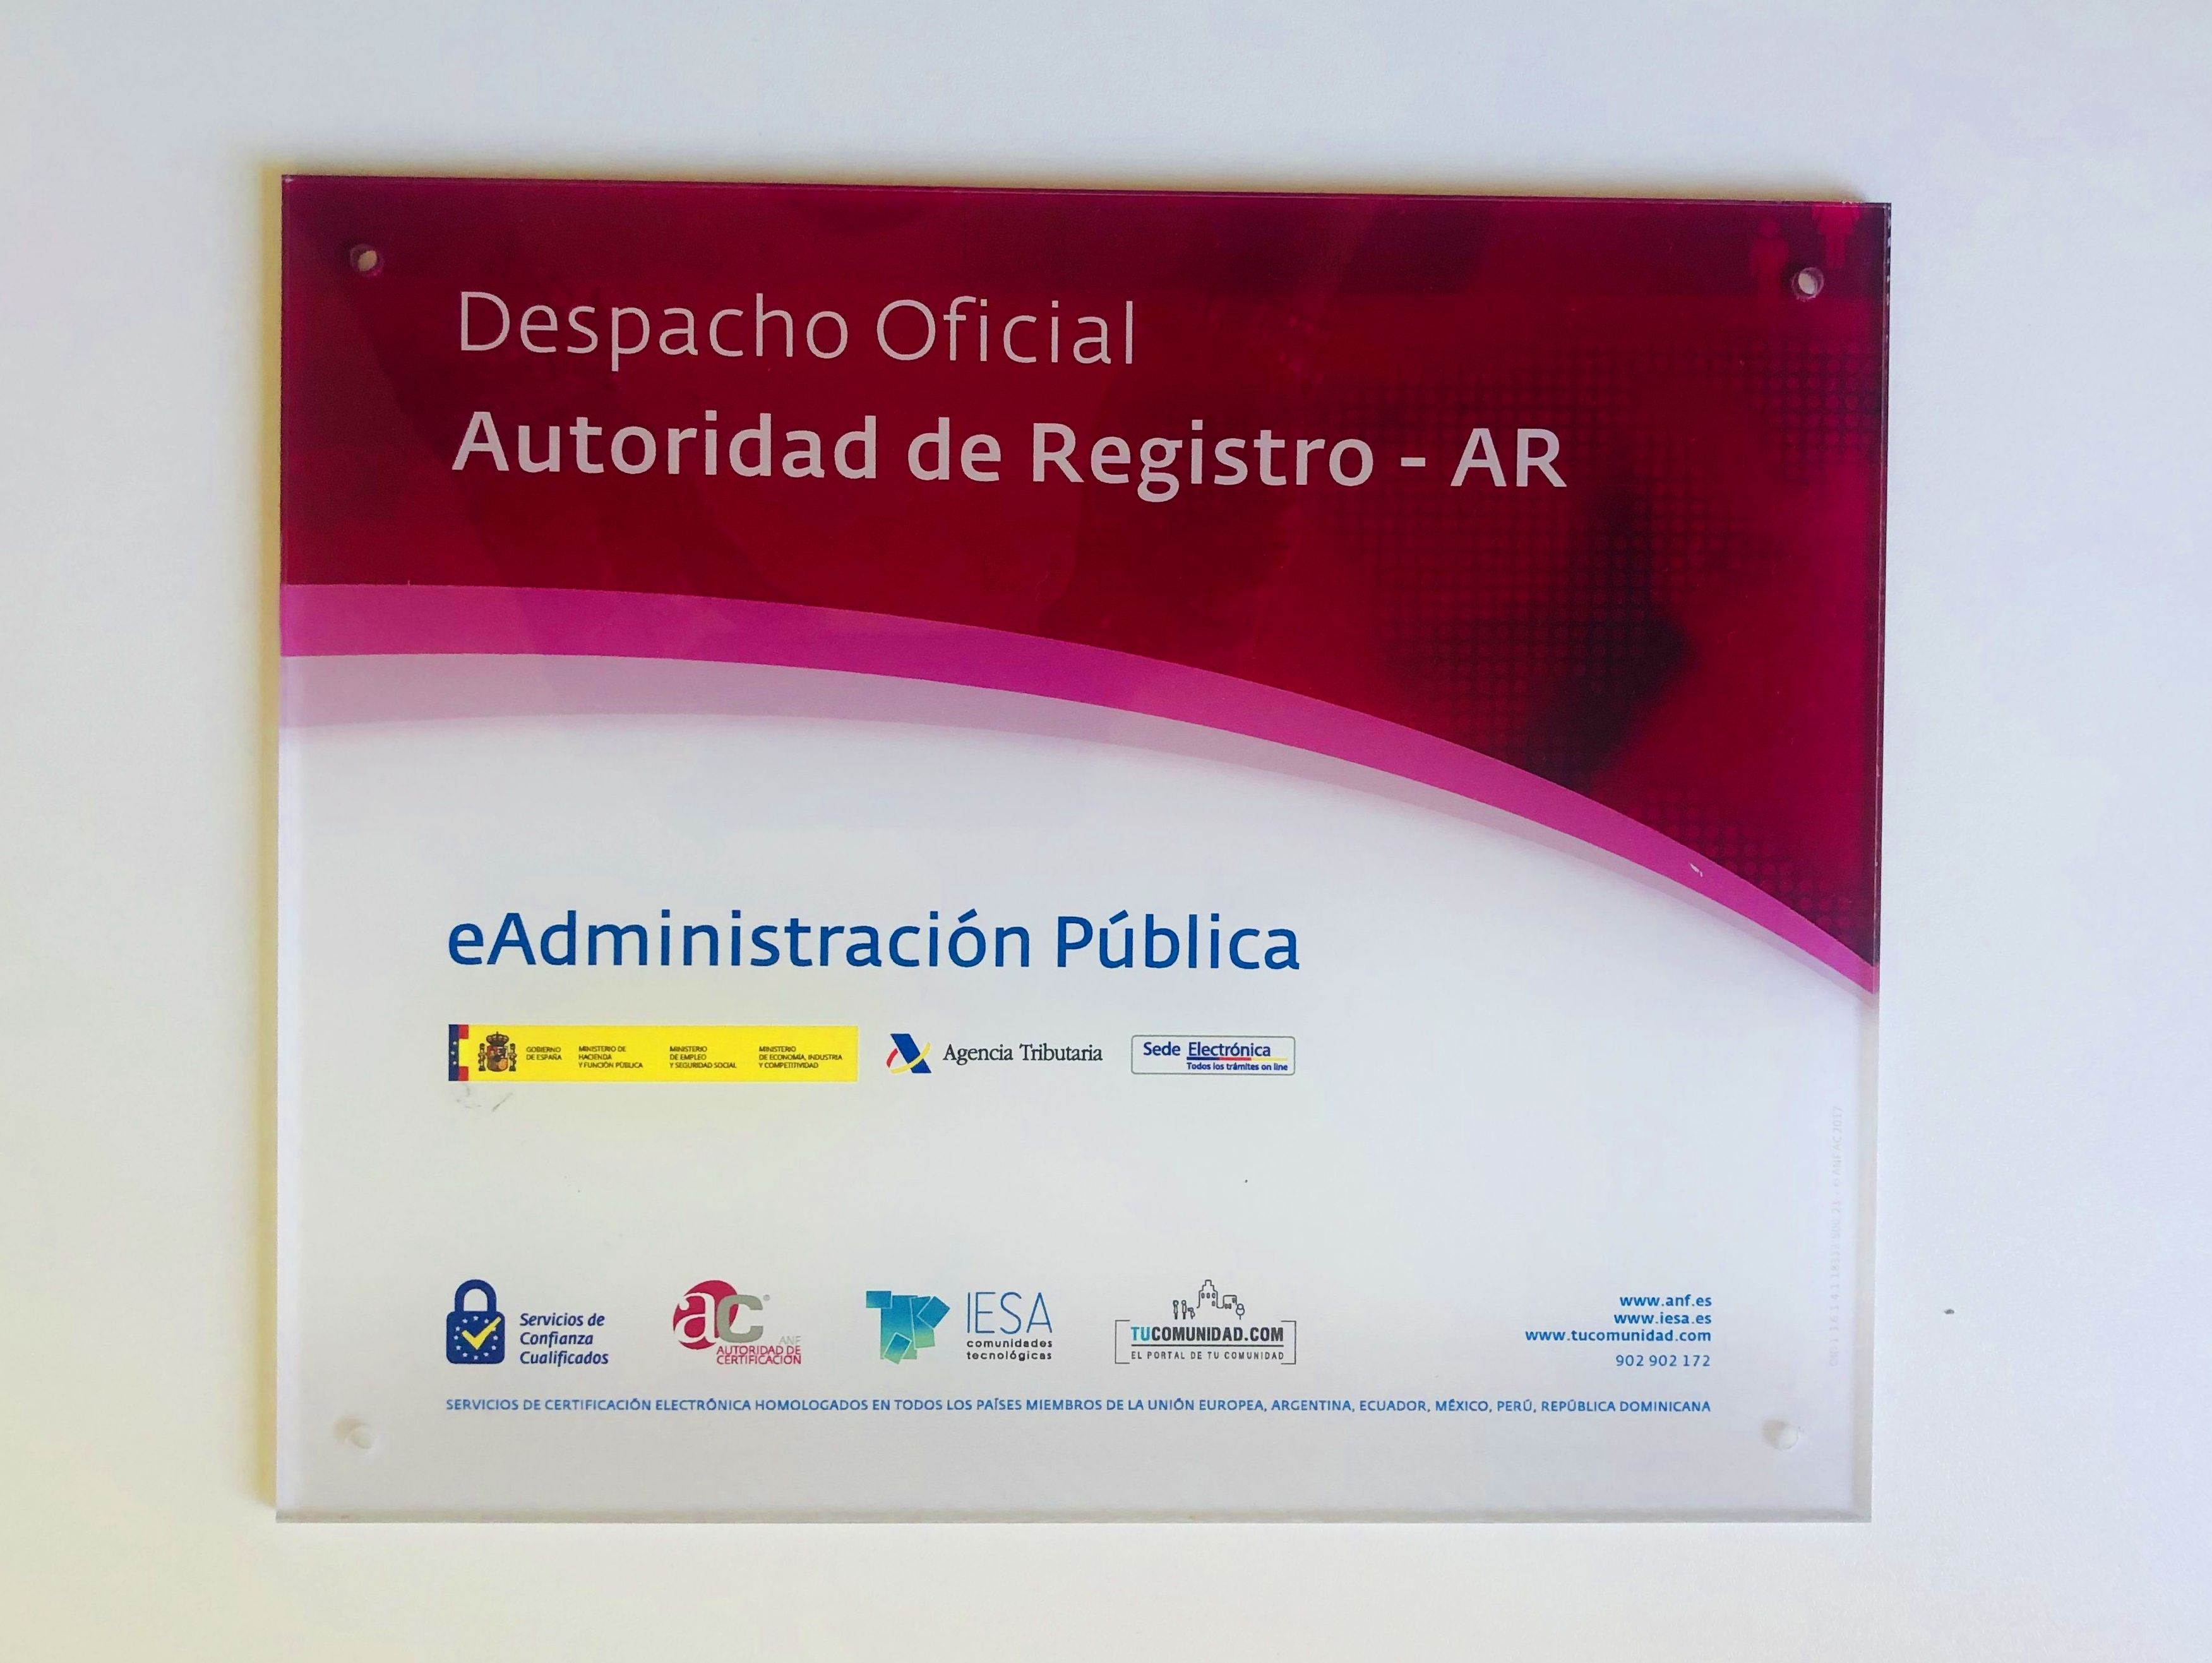 Despacho Oficial: Autoridad de Registro - AR